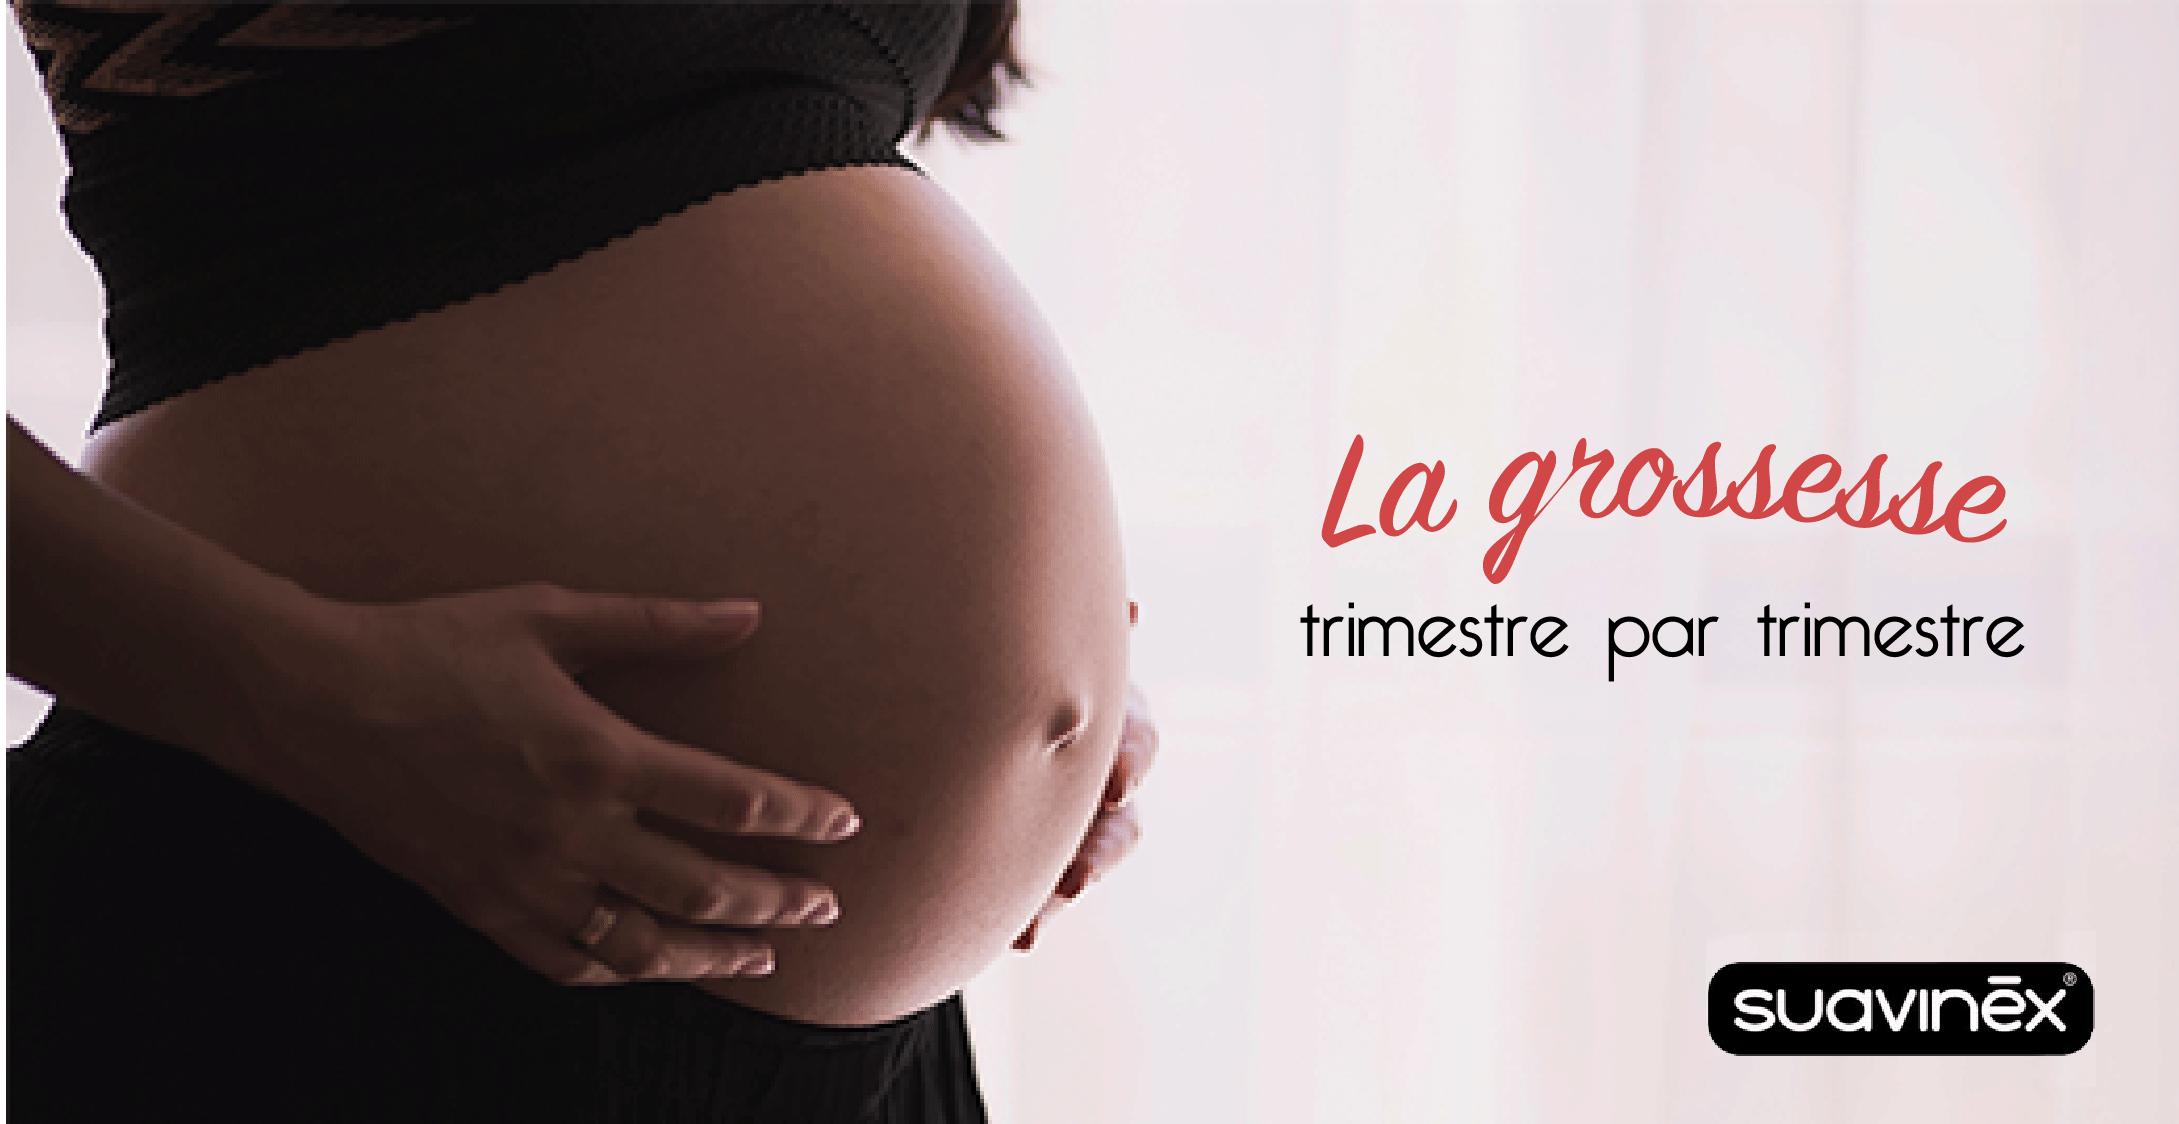 La grossesse trimestre par trimestre